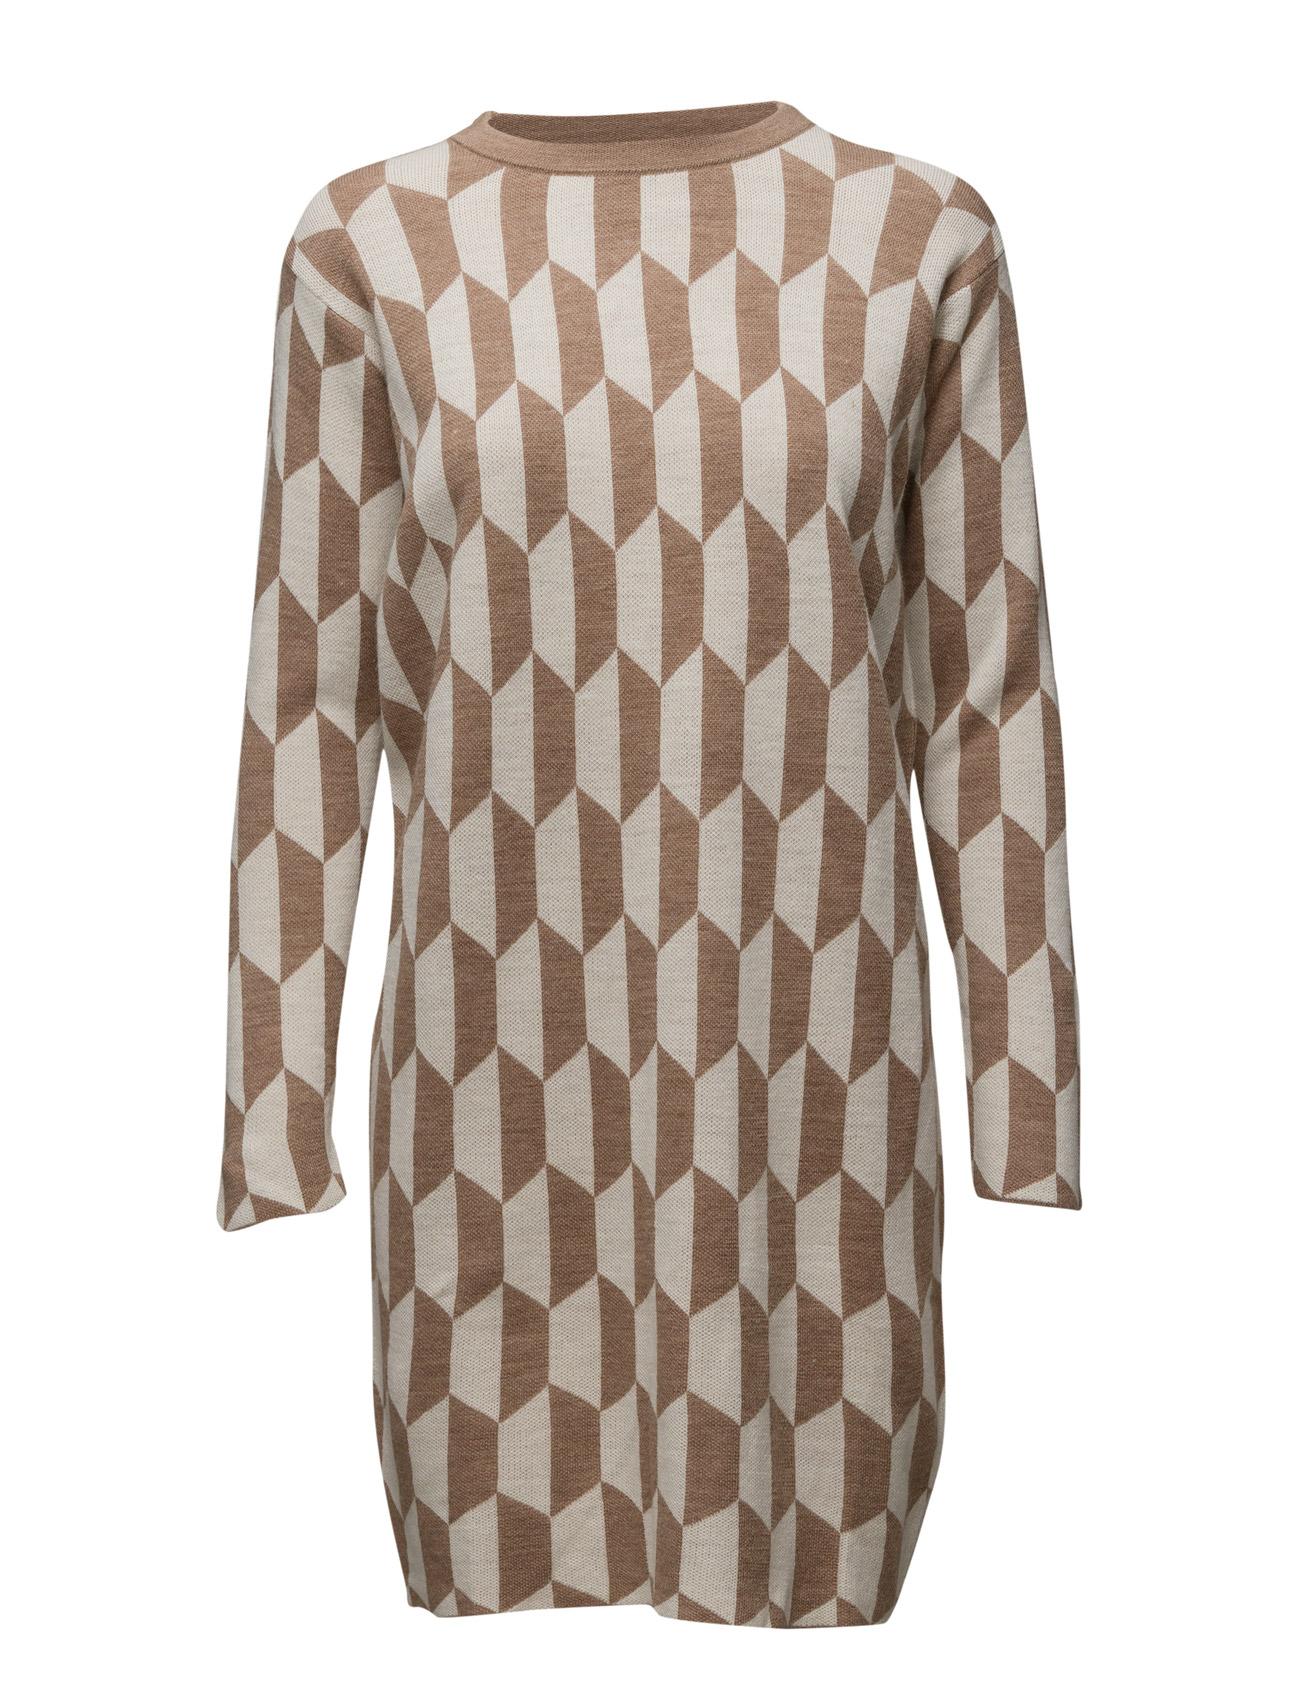 Dress United Colors of Benetton Korte kjoler til Kvinder i